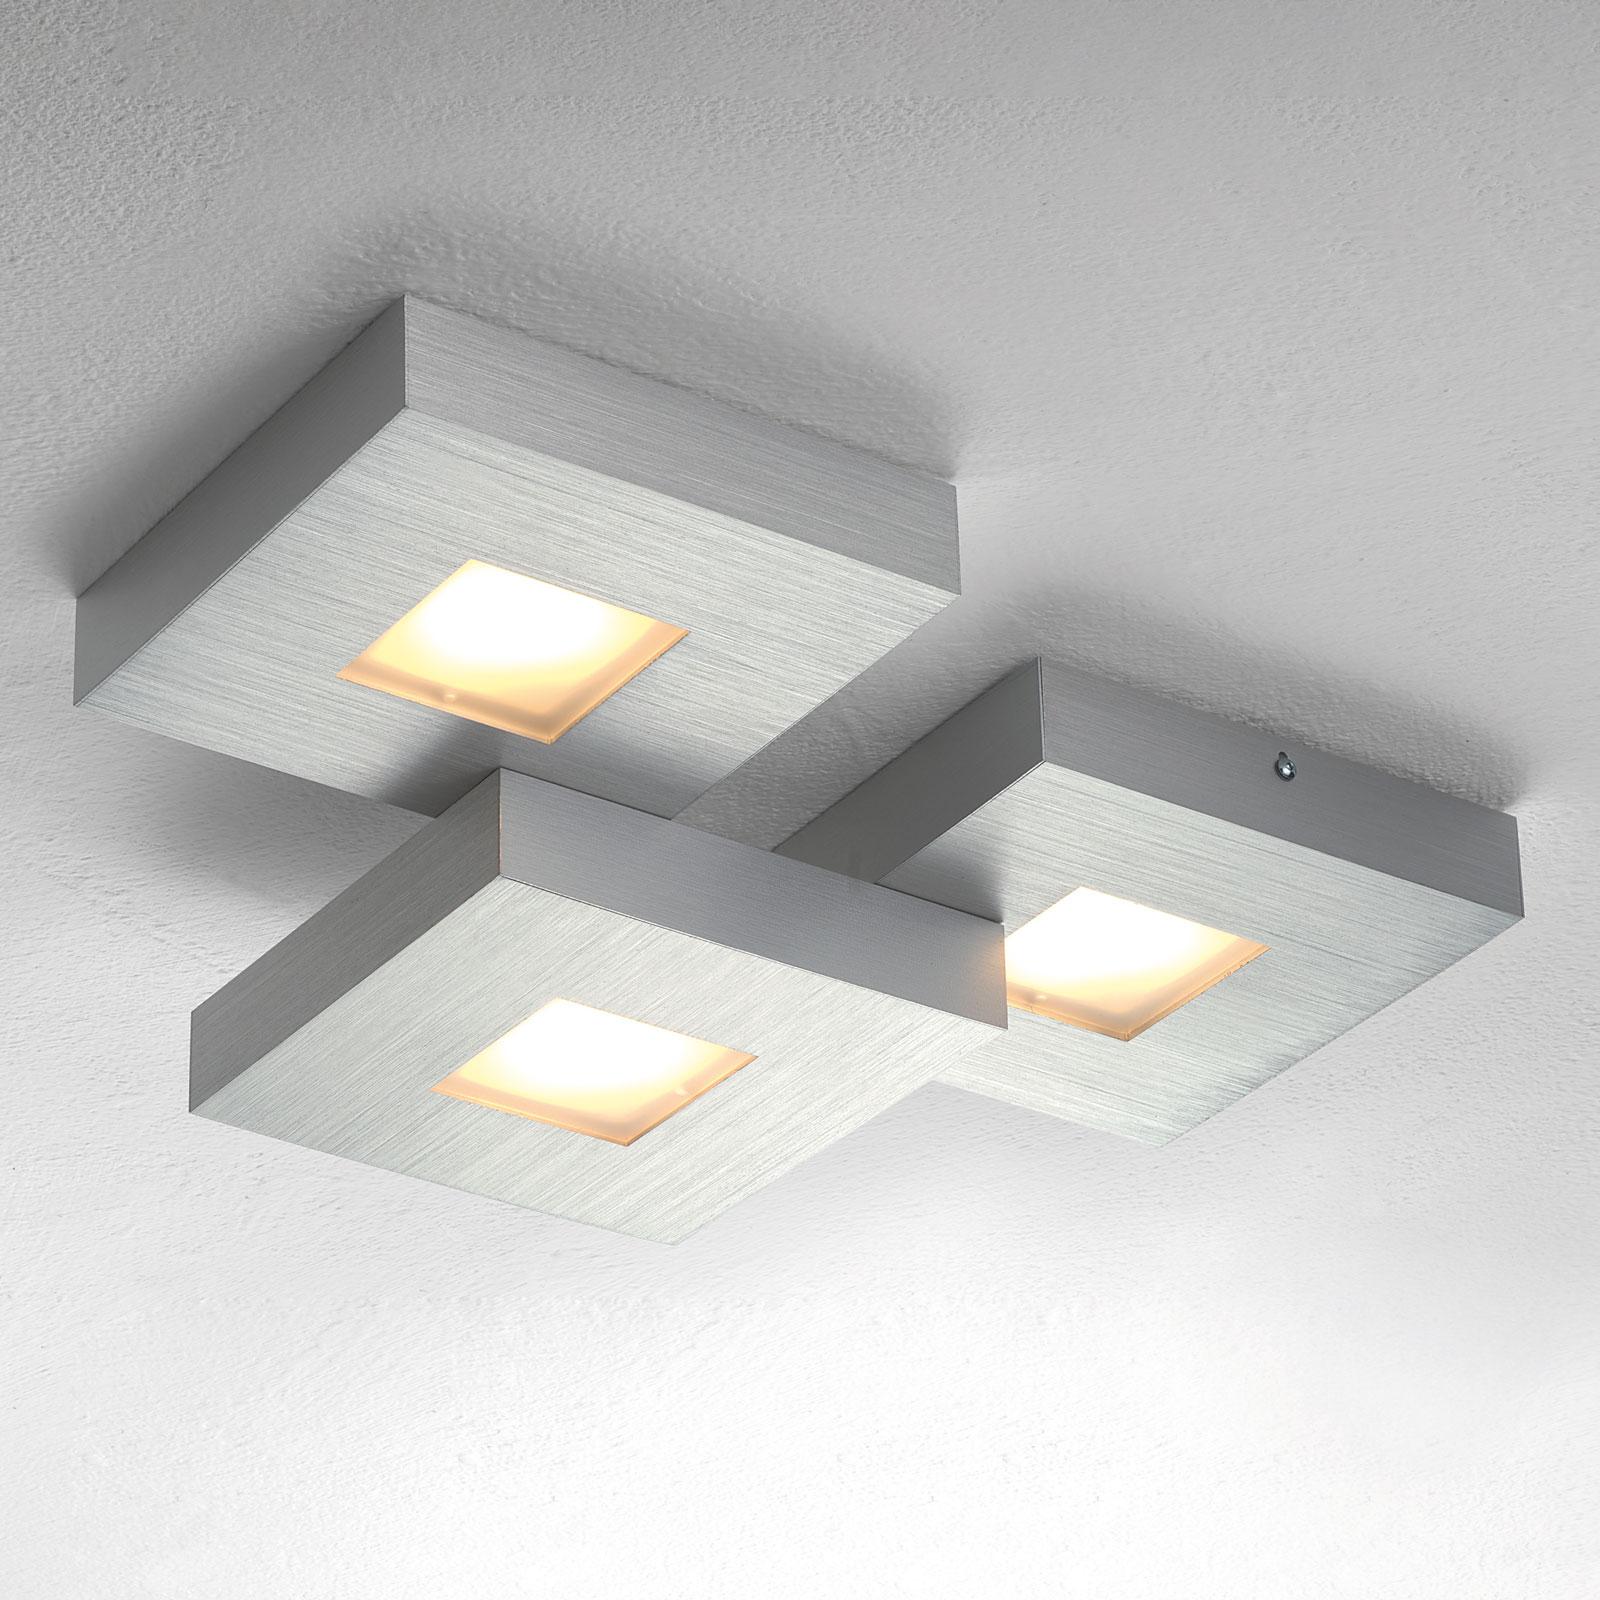 Cubus – kolmilamppuinen LED-kattovalaisin